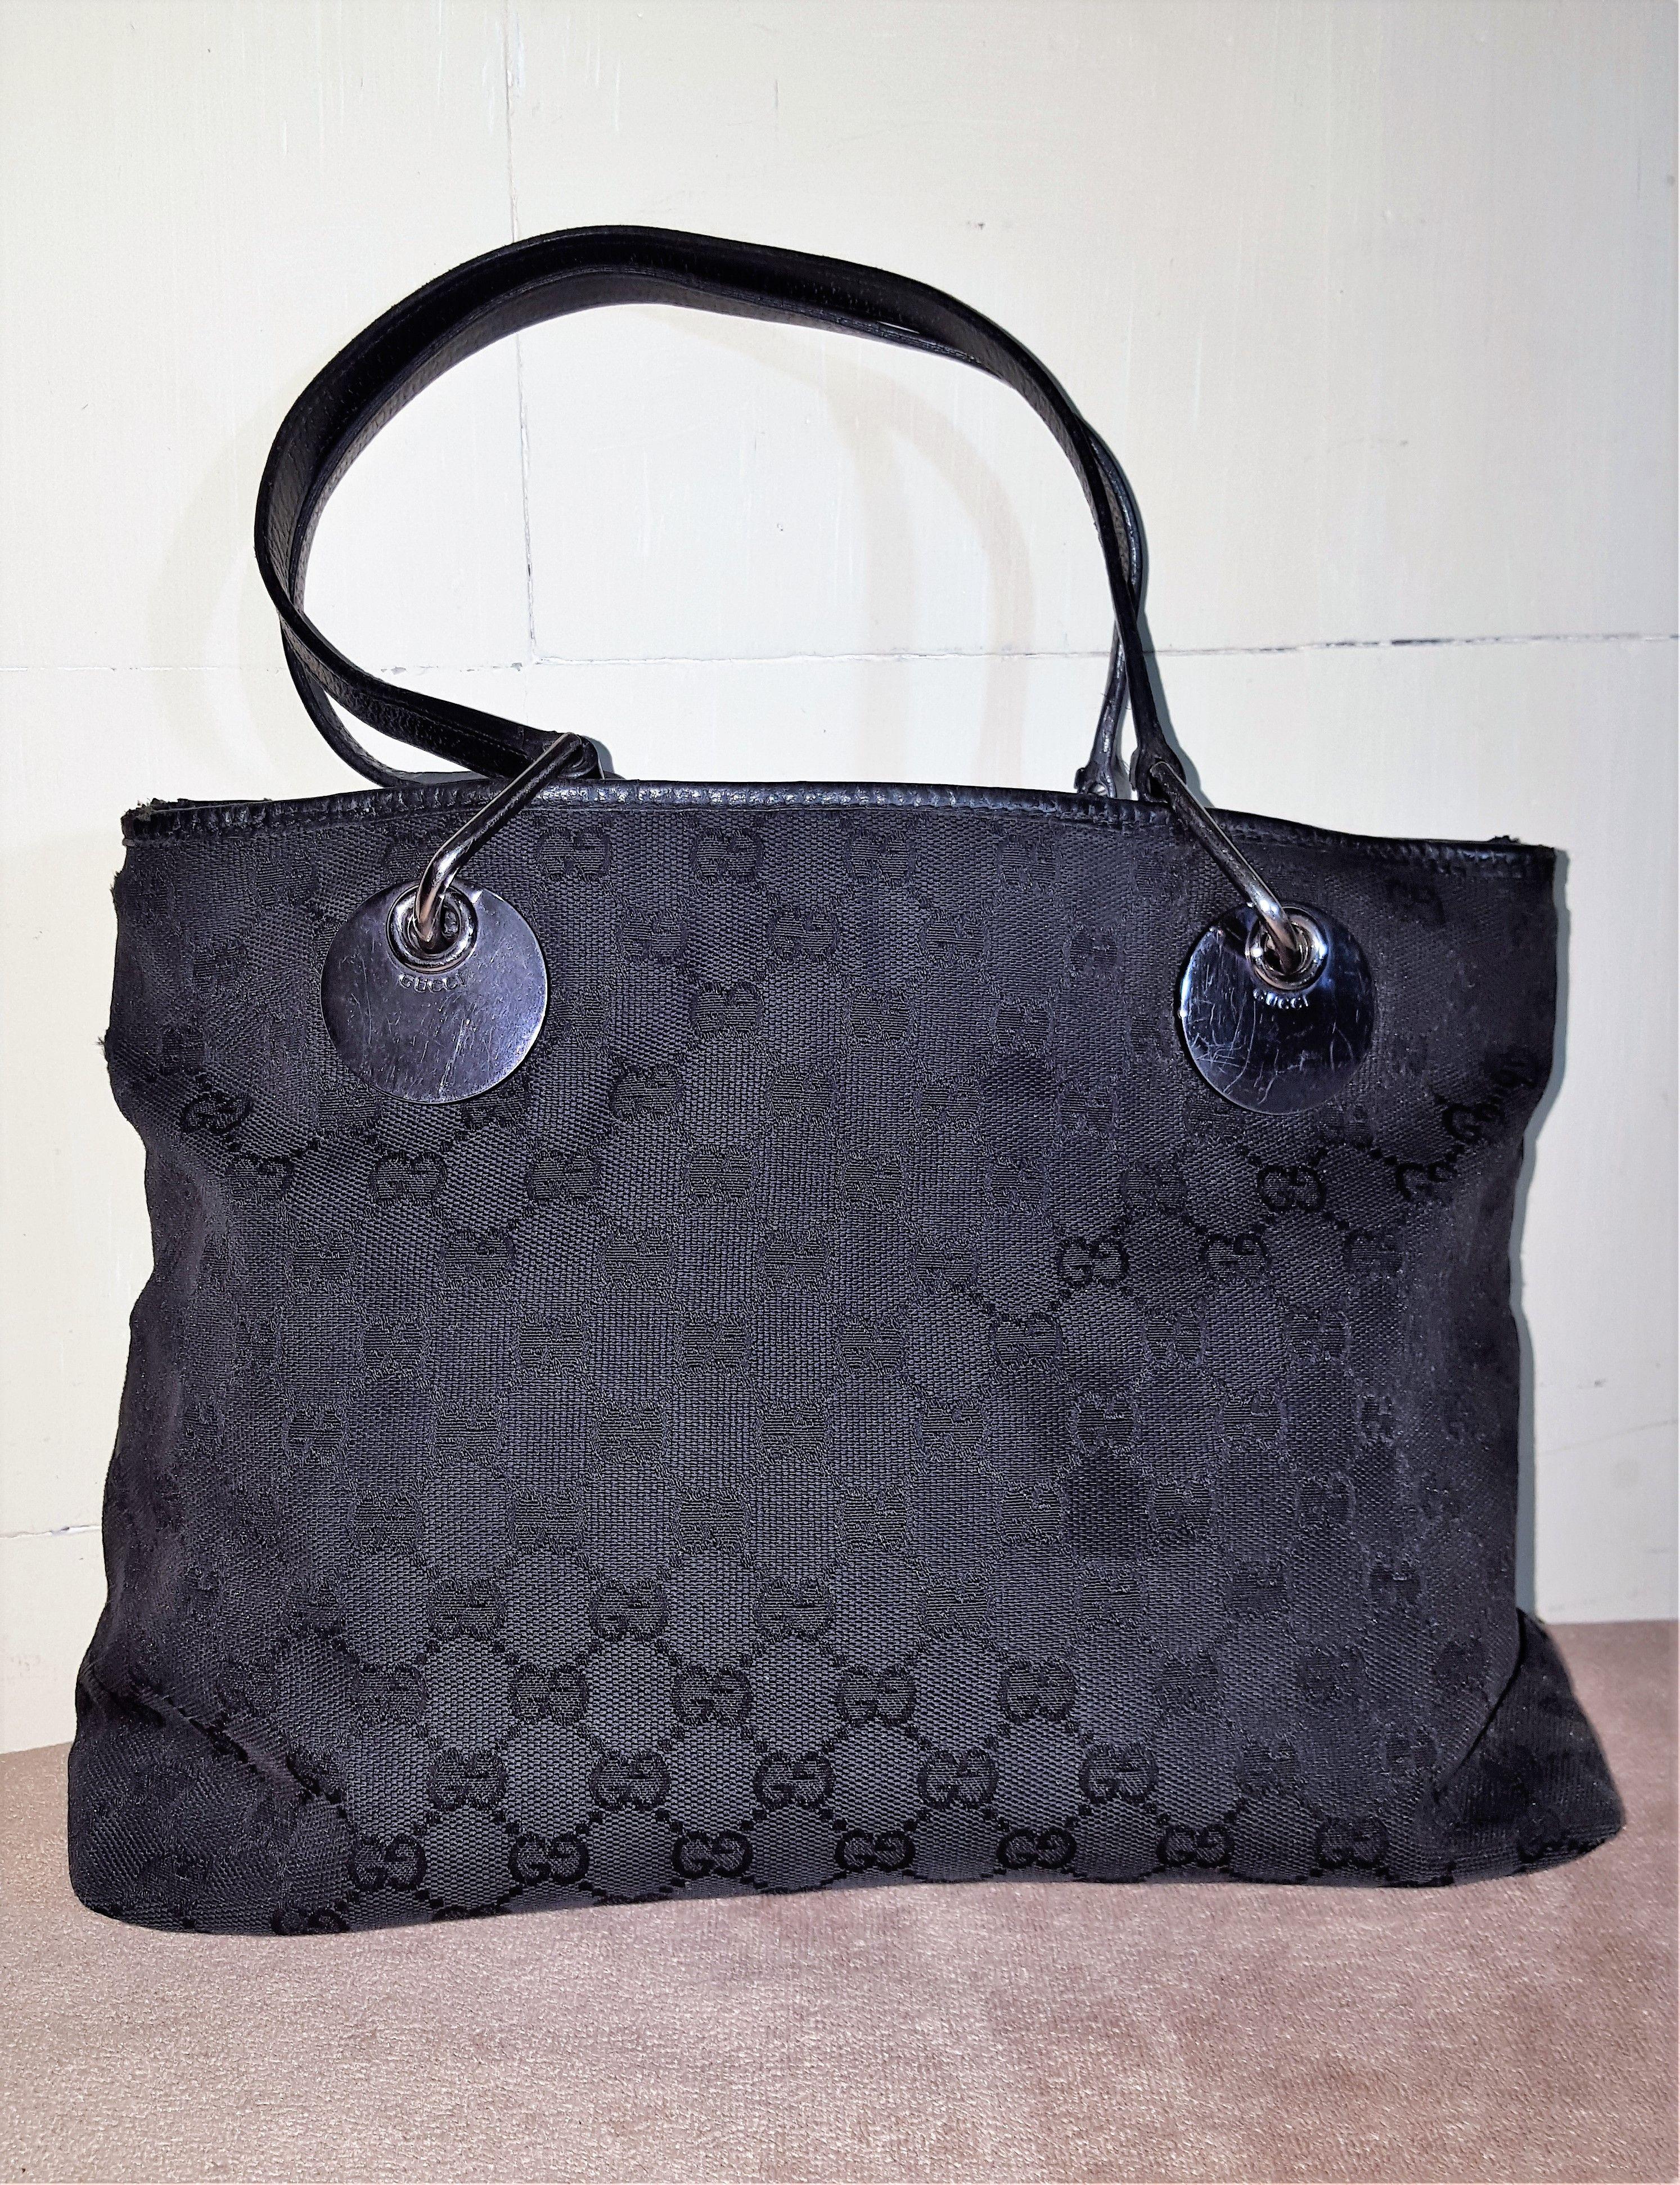 Bolsa Gucci 100% Original Color Negro seminueva beronica.rivera gmail.com d1185f9a14